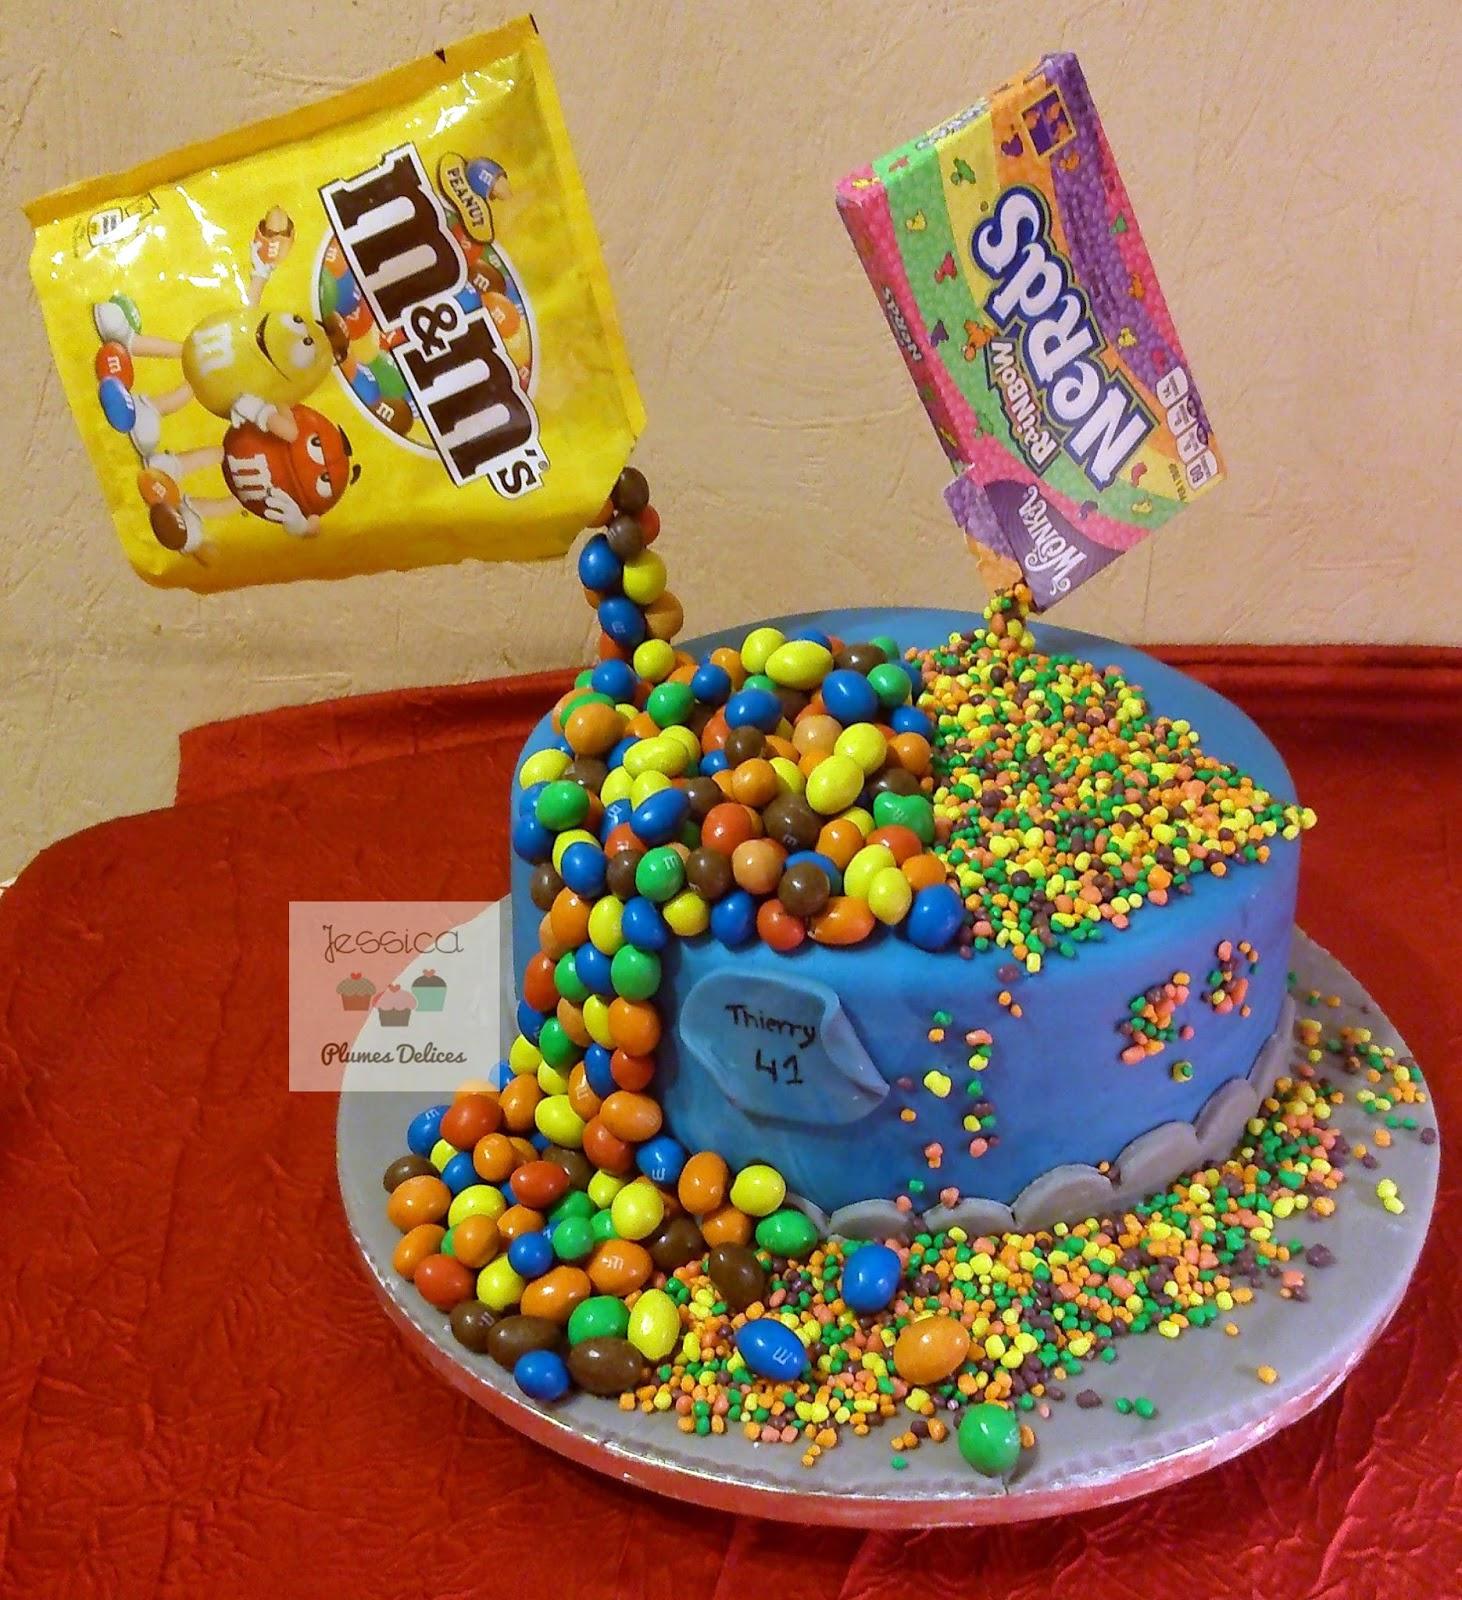 Plumes d lices g teau arc en ciel gravity et bonbon cake rainbow gravity candy - Gateau en bonbon ...